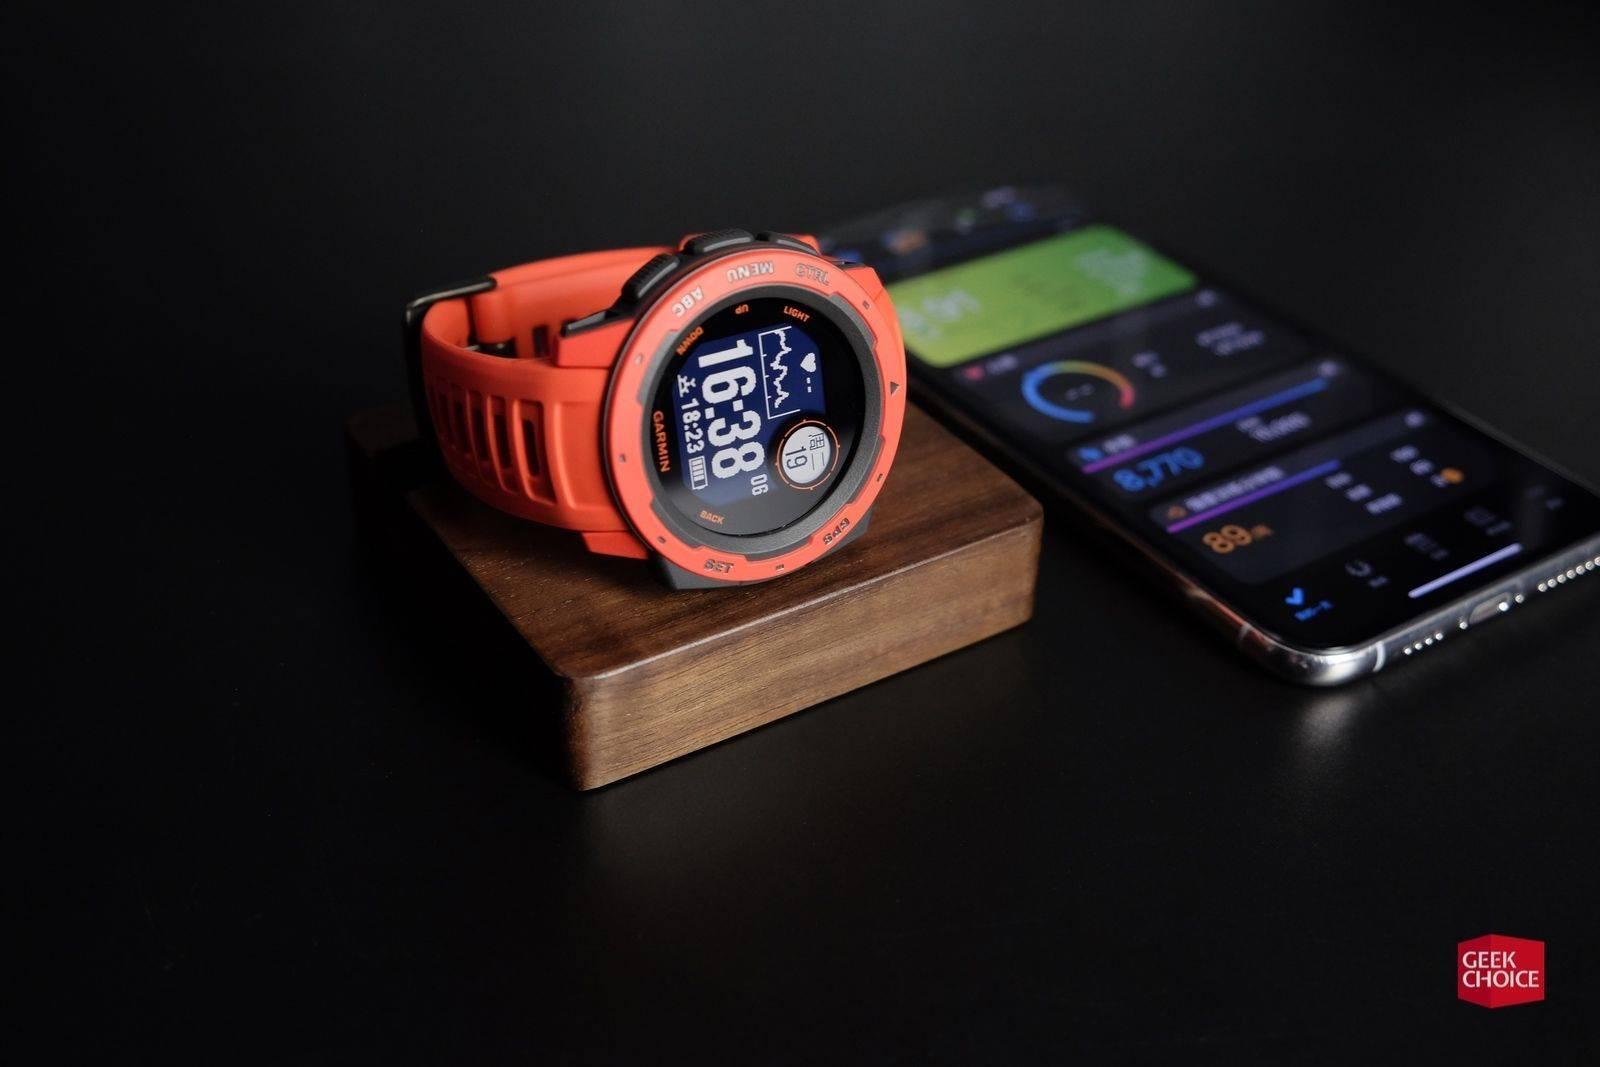 佳明Instinct体验 典型的GPS户外手表